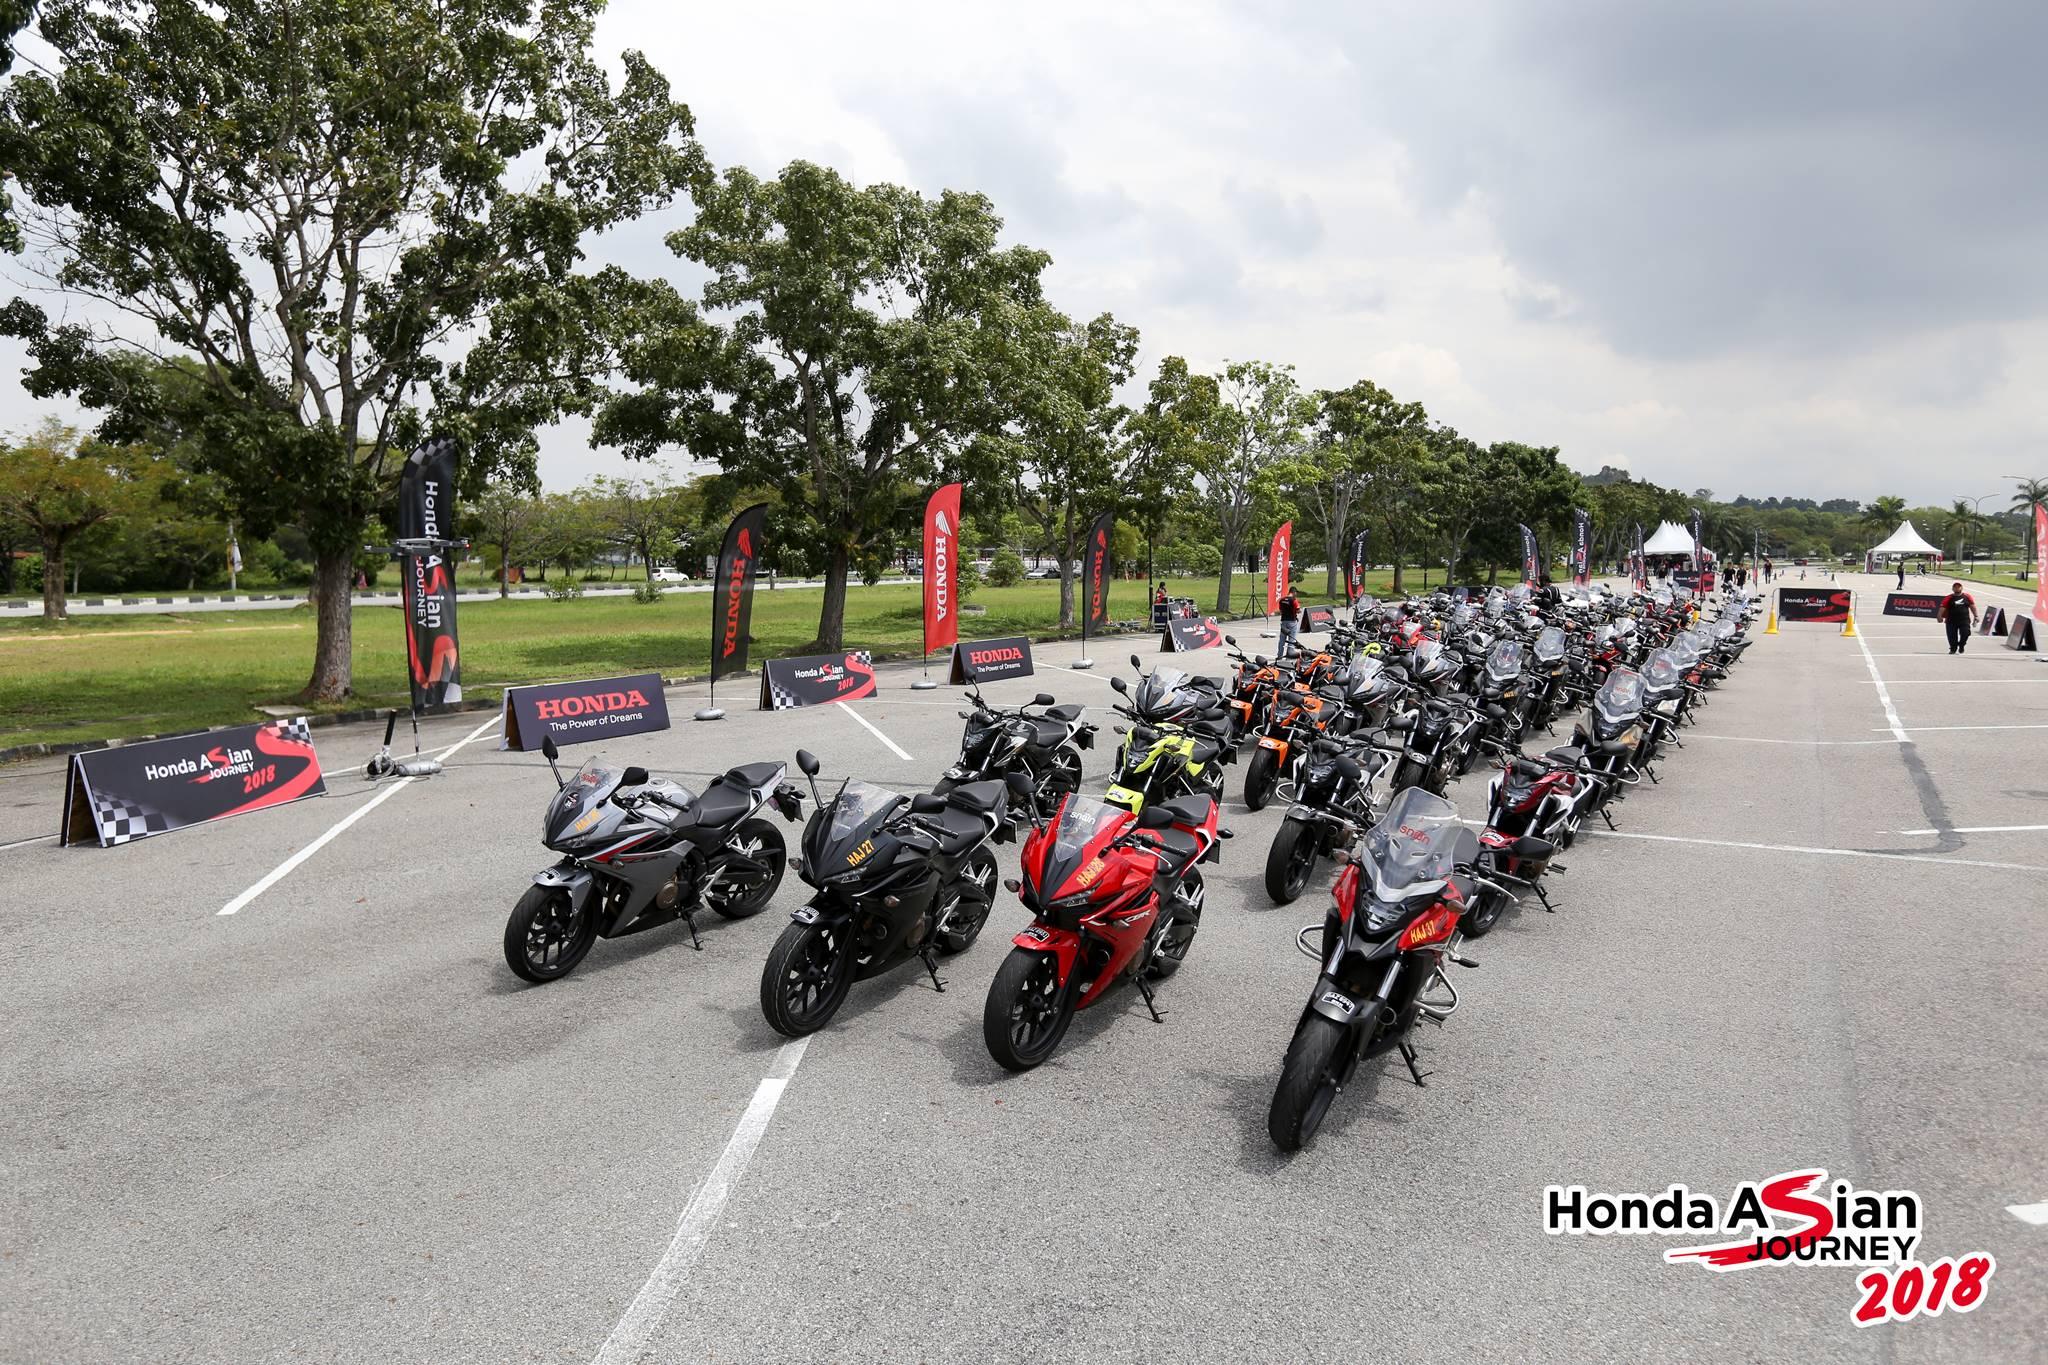 Honda_Asian_Journey_2018_Xe_Tinhte_016.jpg